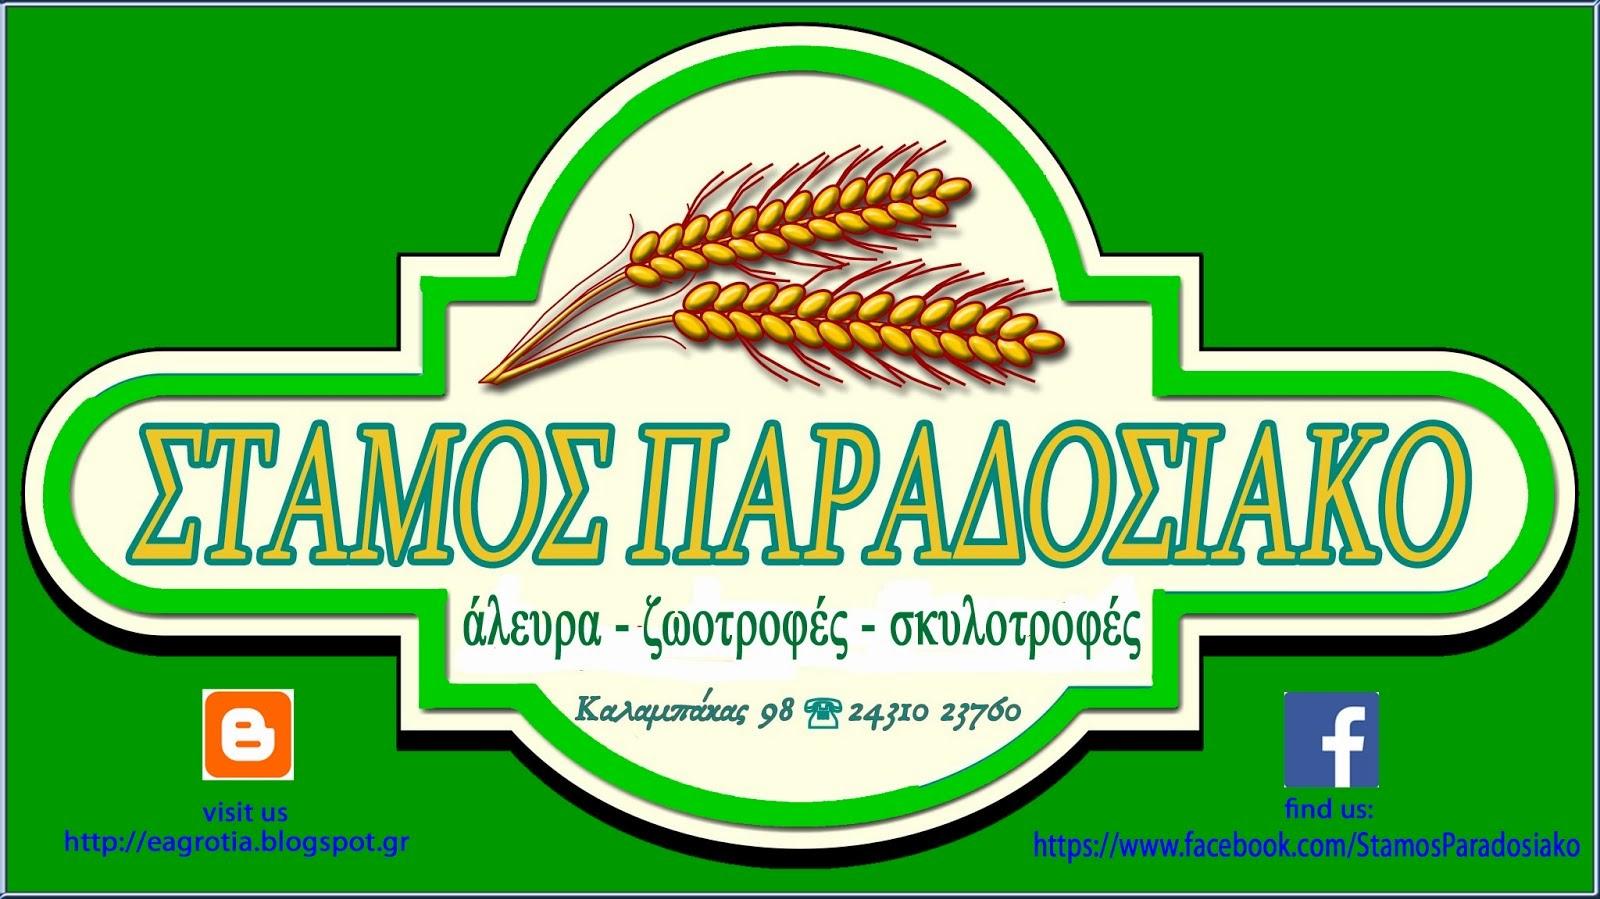 ΣΤΑΜΟΣ ΠΑΡΑΔΟΣΙΑΚΟ